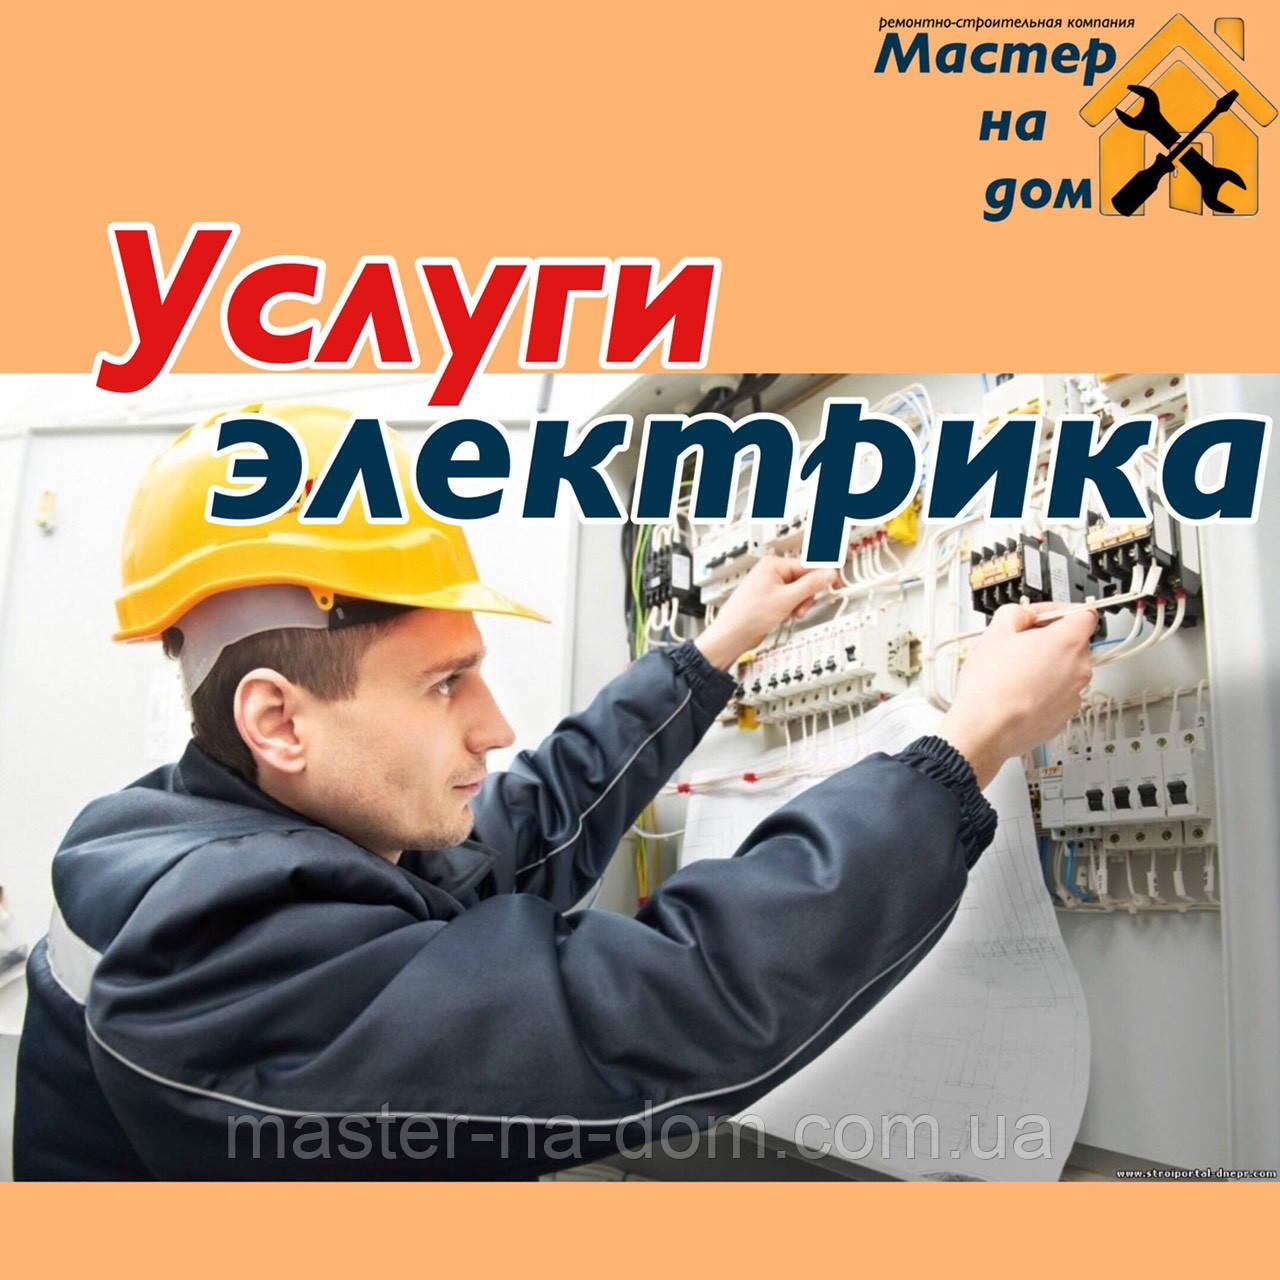 Послуги електрика в Хмельницькому